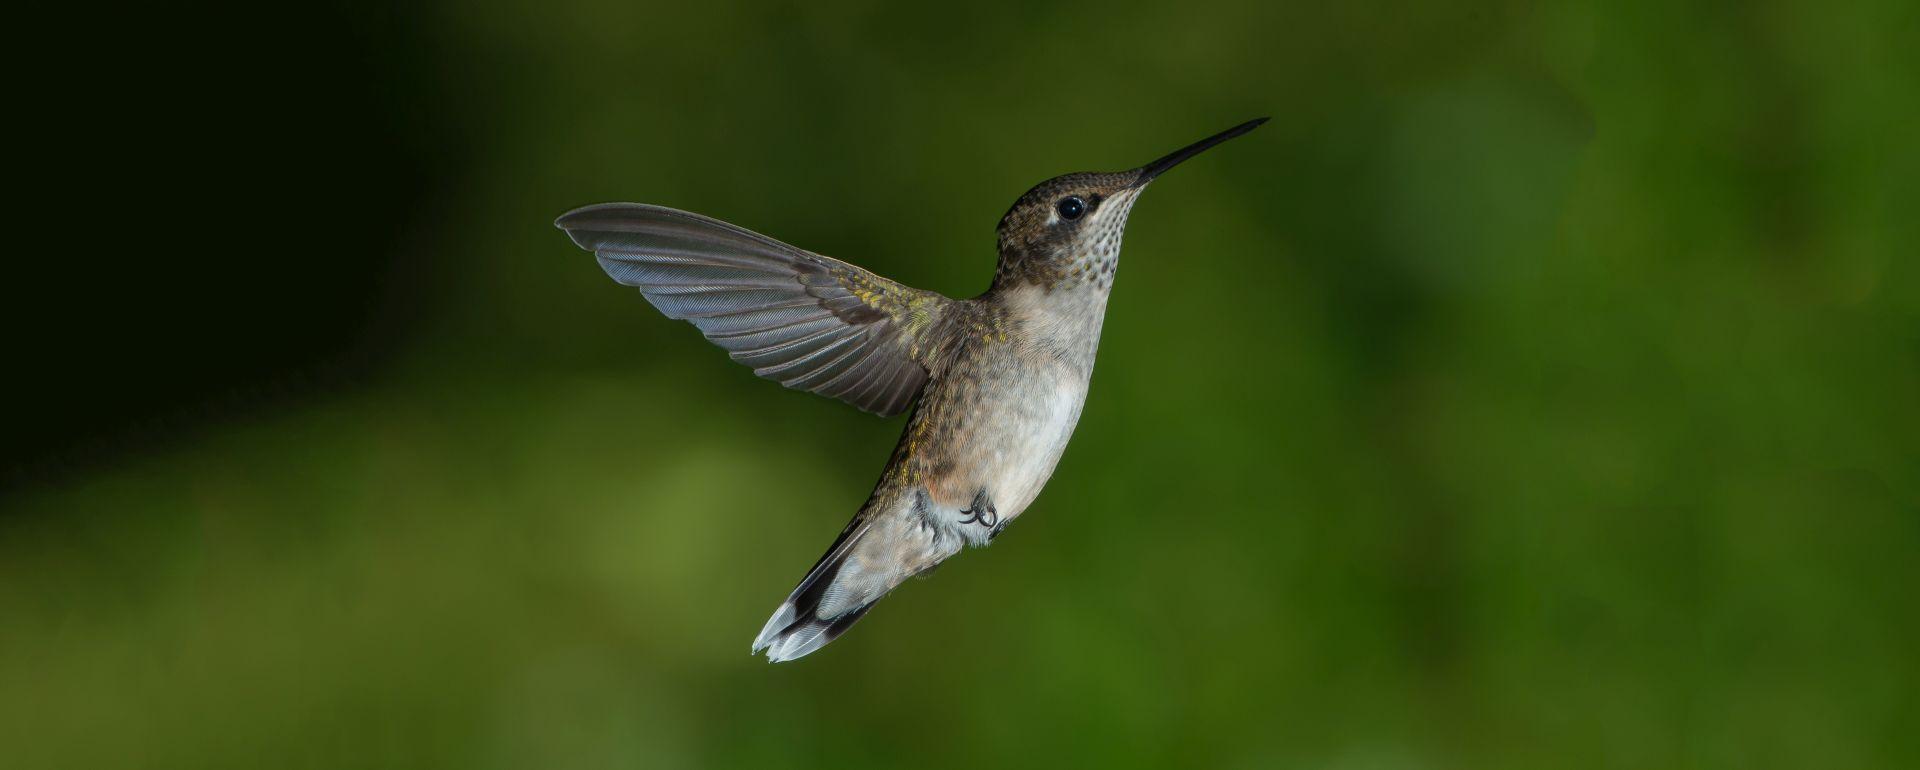 Hummingbird-sknotes.jpg